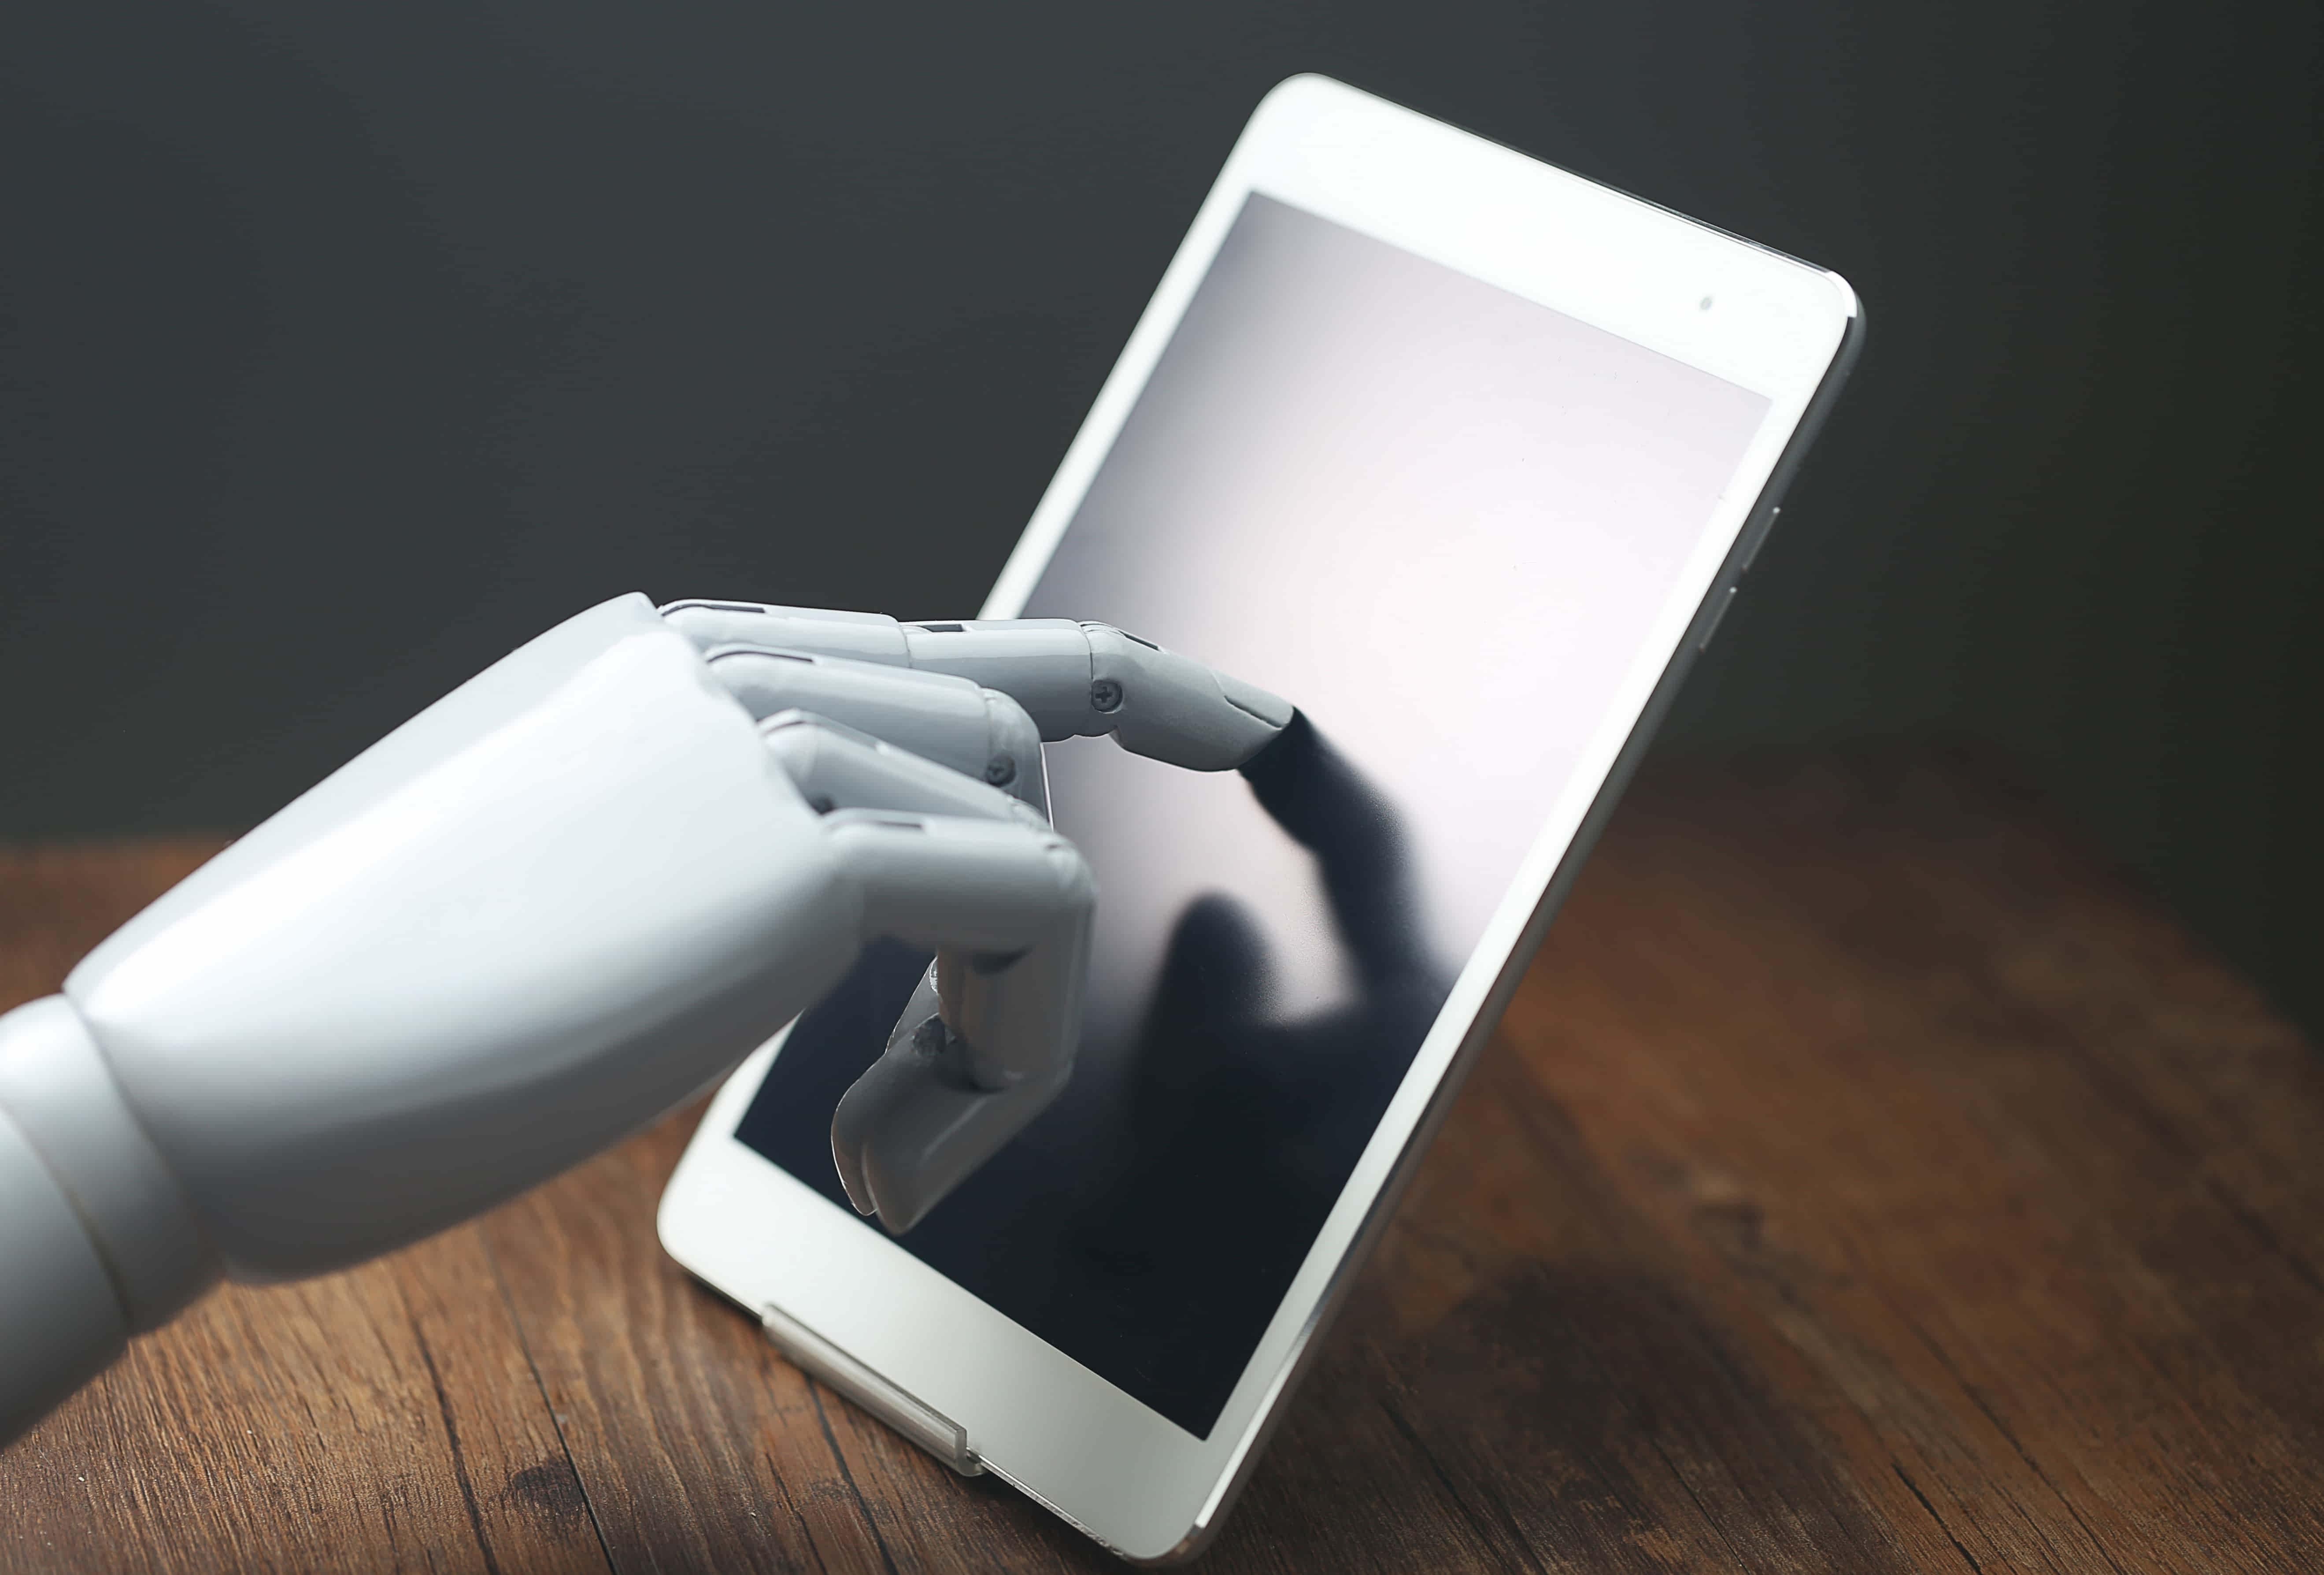 Composição criada digitalmente, em 3D, na qual vemos uma mão robótica tocando um smartphone, representando a importância da linguagem natural nas interações tecnológicas.